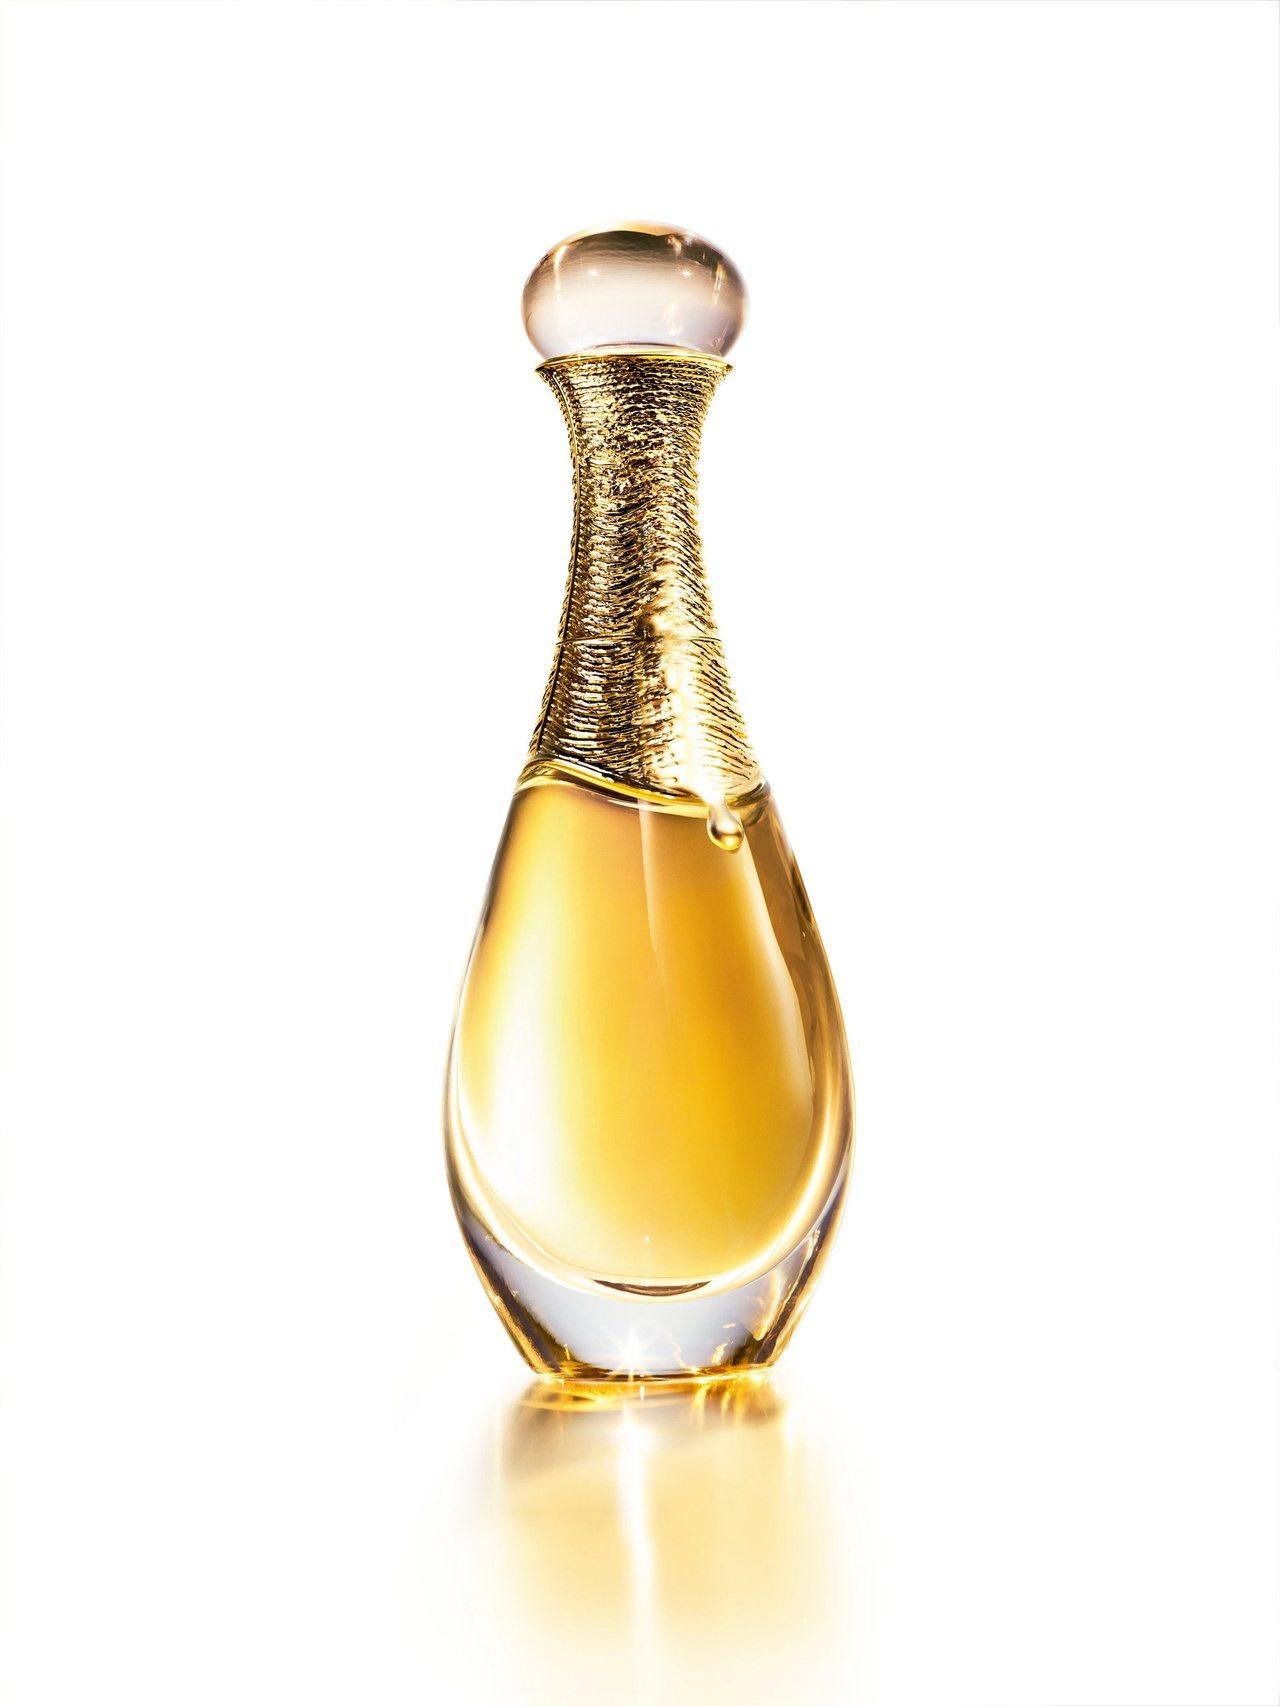 迪奧以歷時超過3年研發出的革命性金工工法,為J'adore L'or頂級金緻香精...